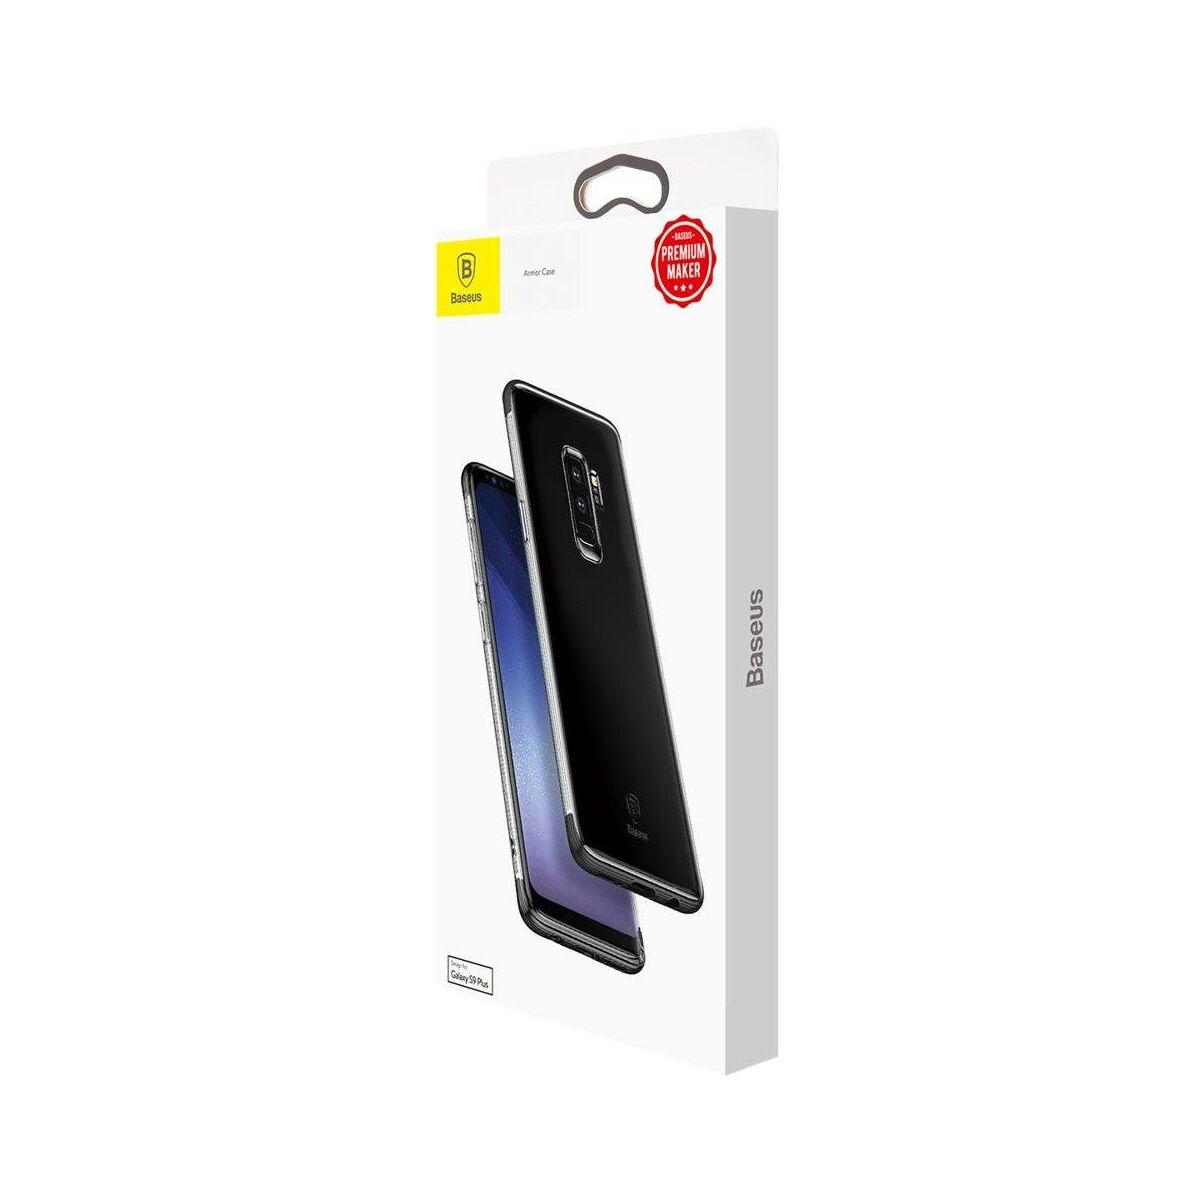 Baseus Samsung S9 Plus tok, Armor, fekete (WISAS9P-YJ01)